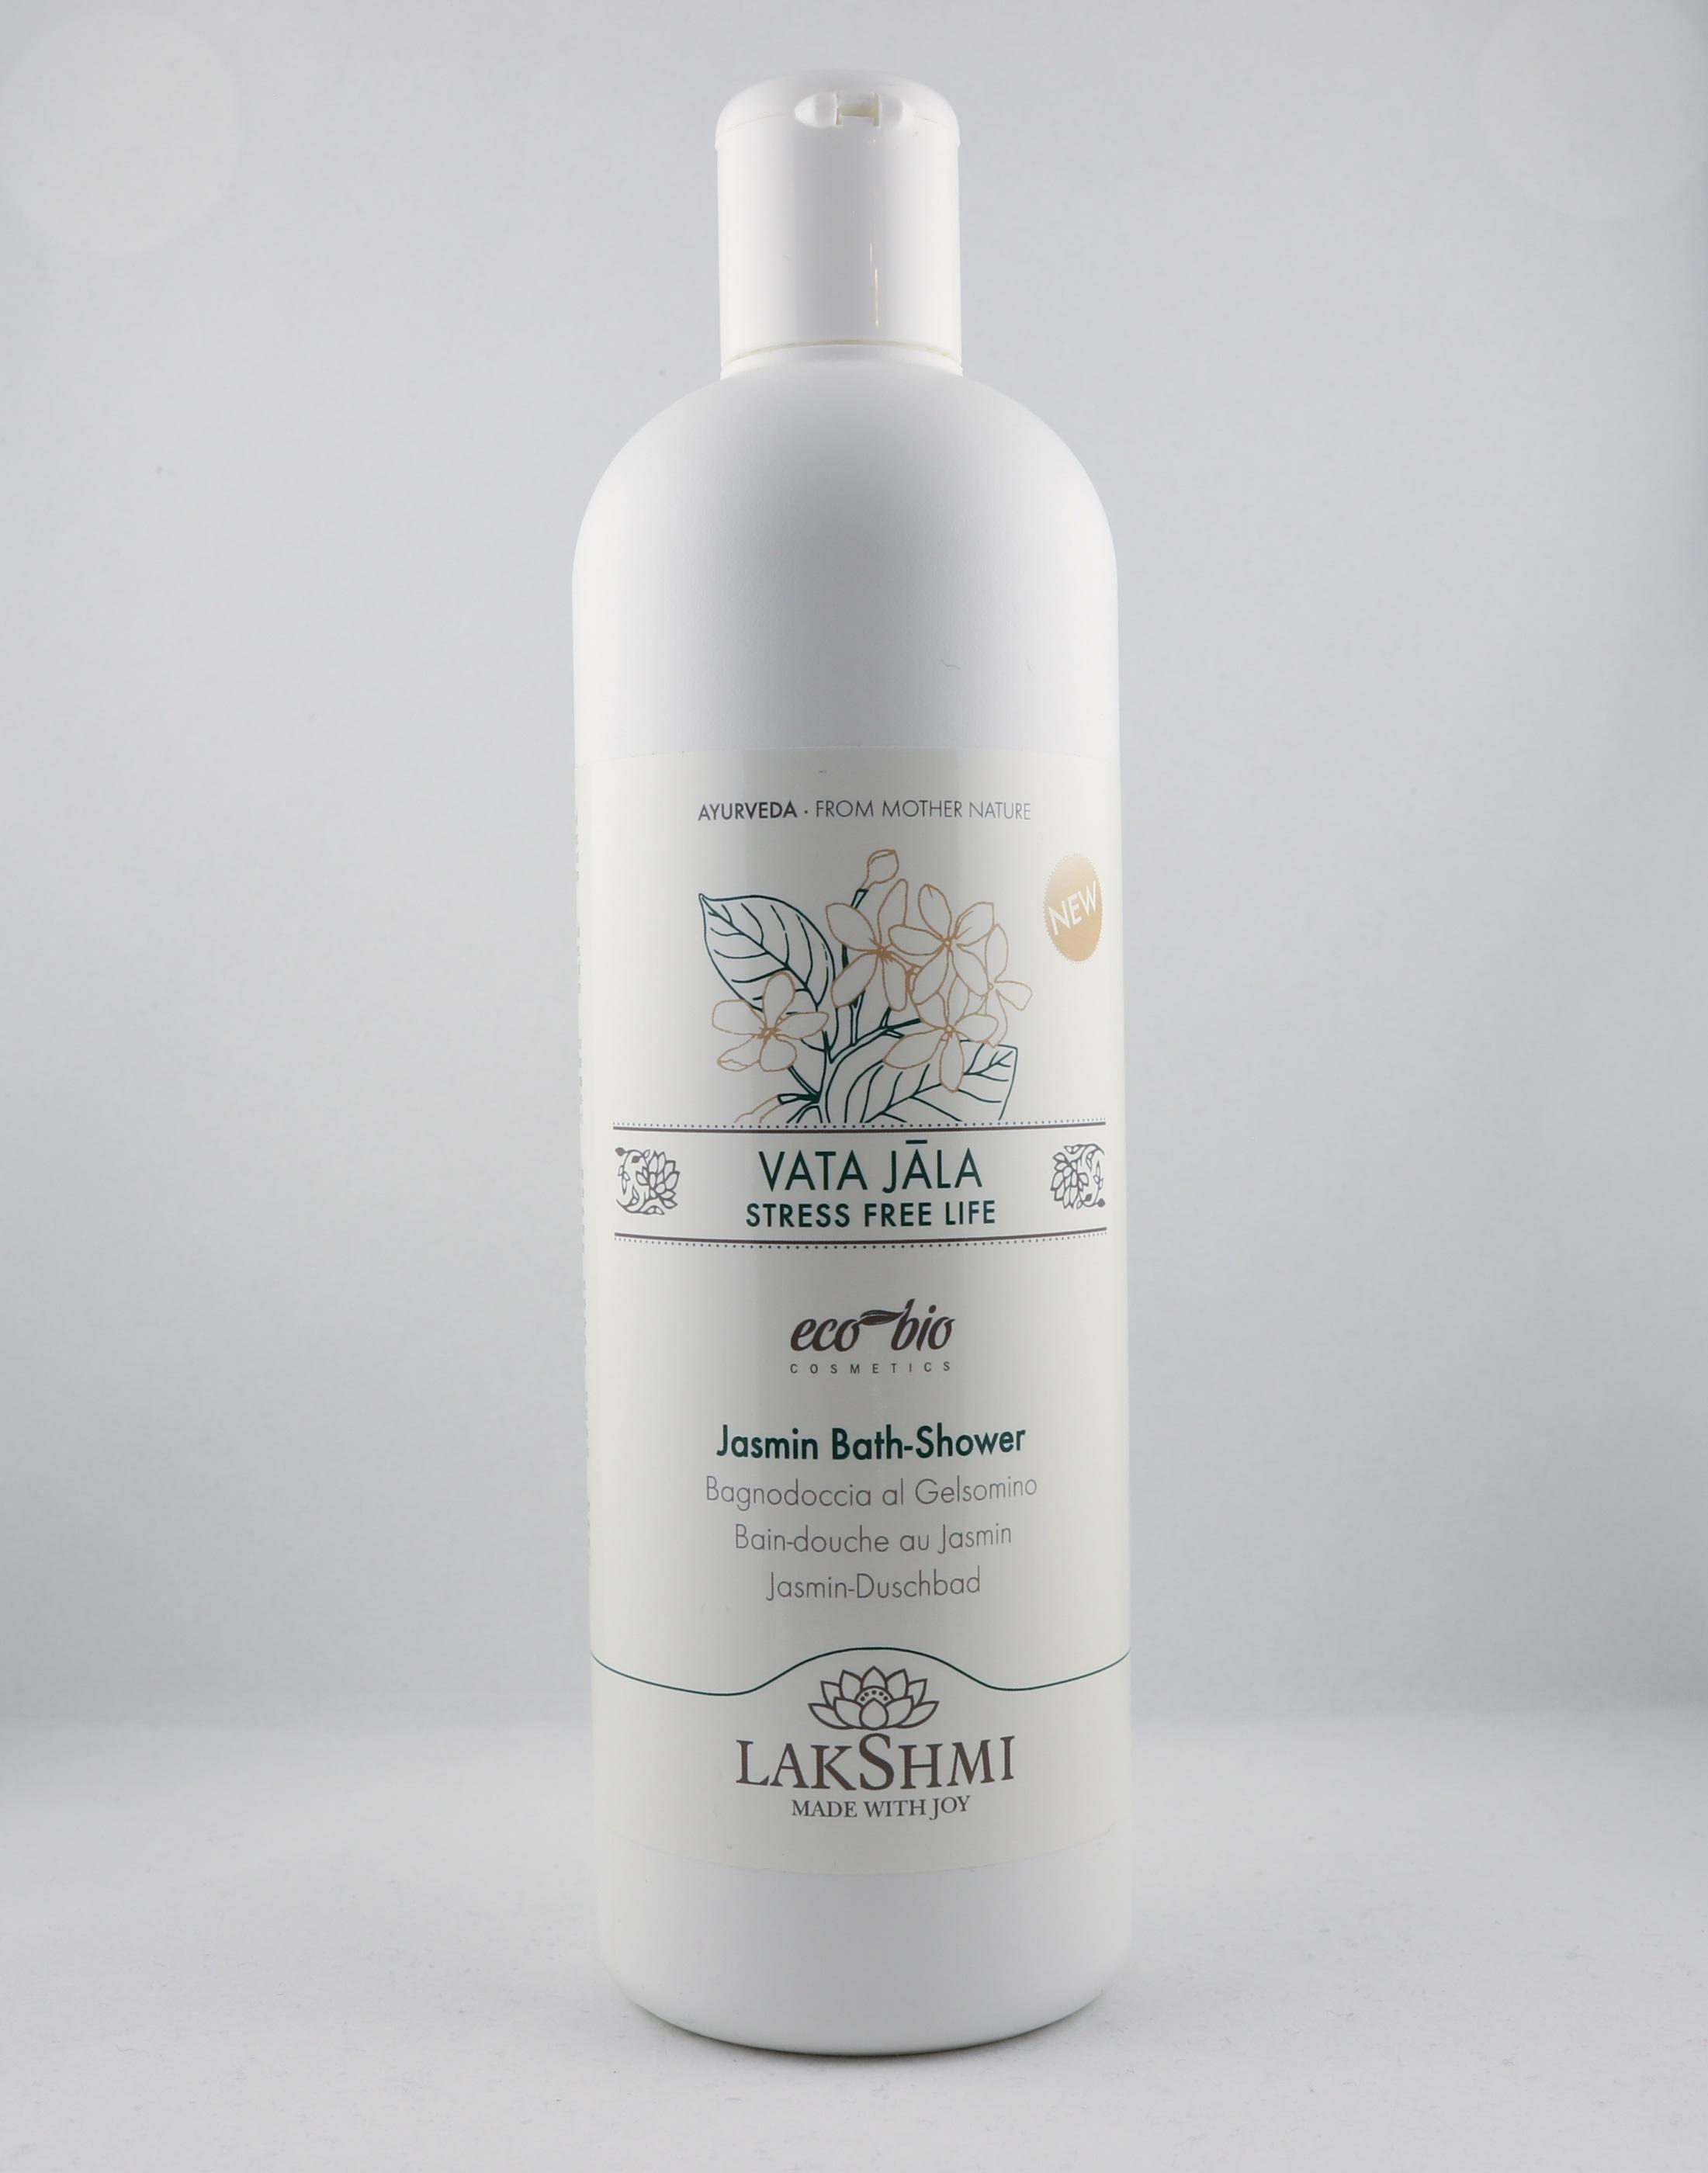 Vata Jasmin Bath-Shower hudvårdsprodukt hudvårdstyp alternativ hälsa wellness ayurveda kropp